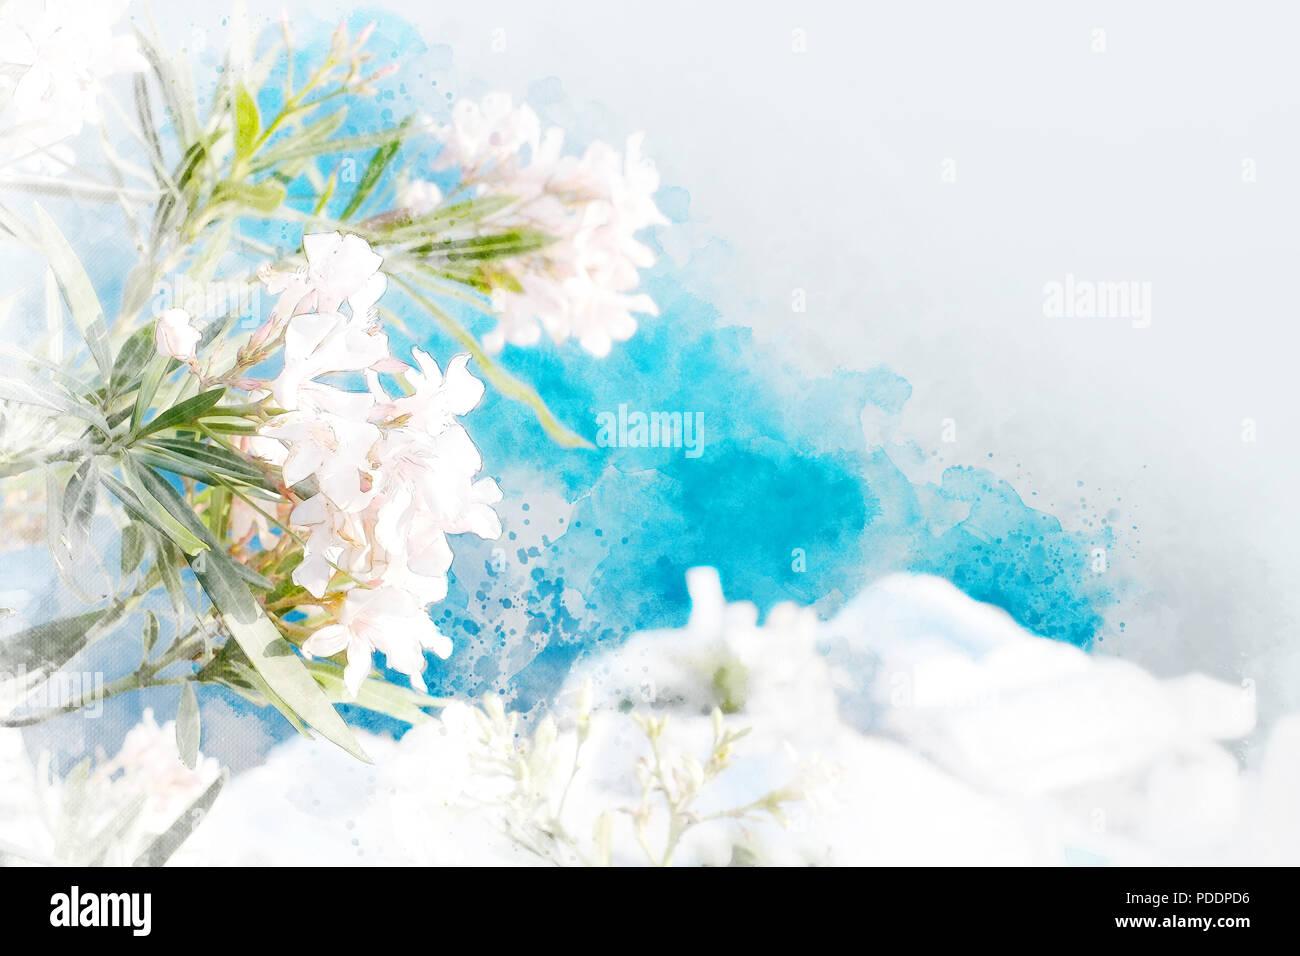 Hermosas flores en la isla de Santorini, Oia, Grecia. Mezclar boceto dibujados a mano ilustración Imagen De Stock